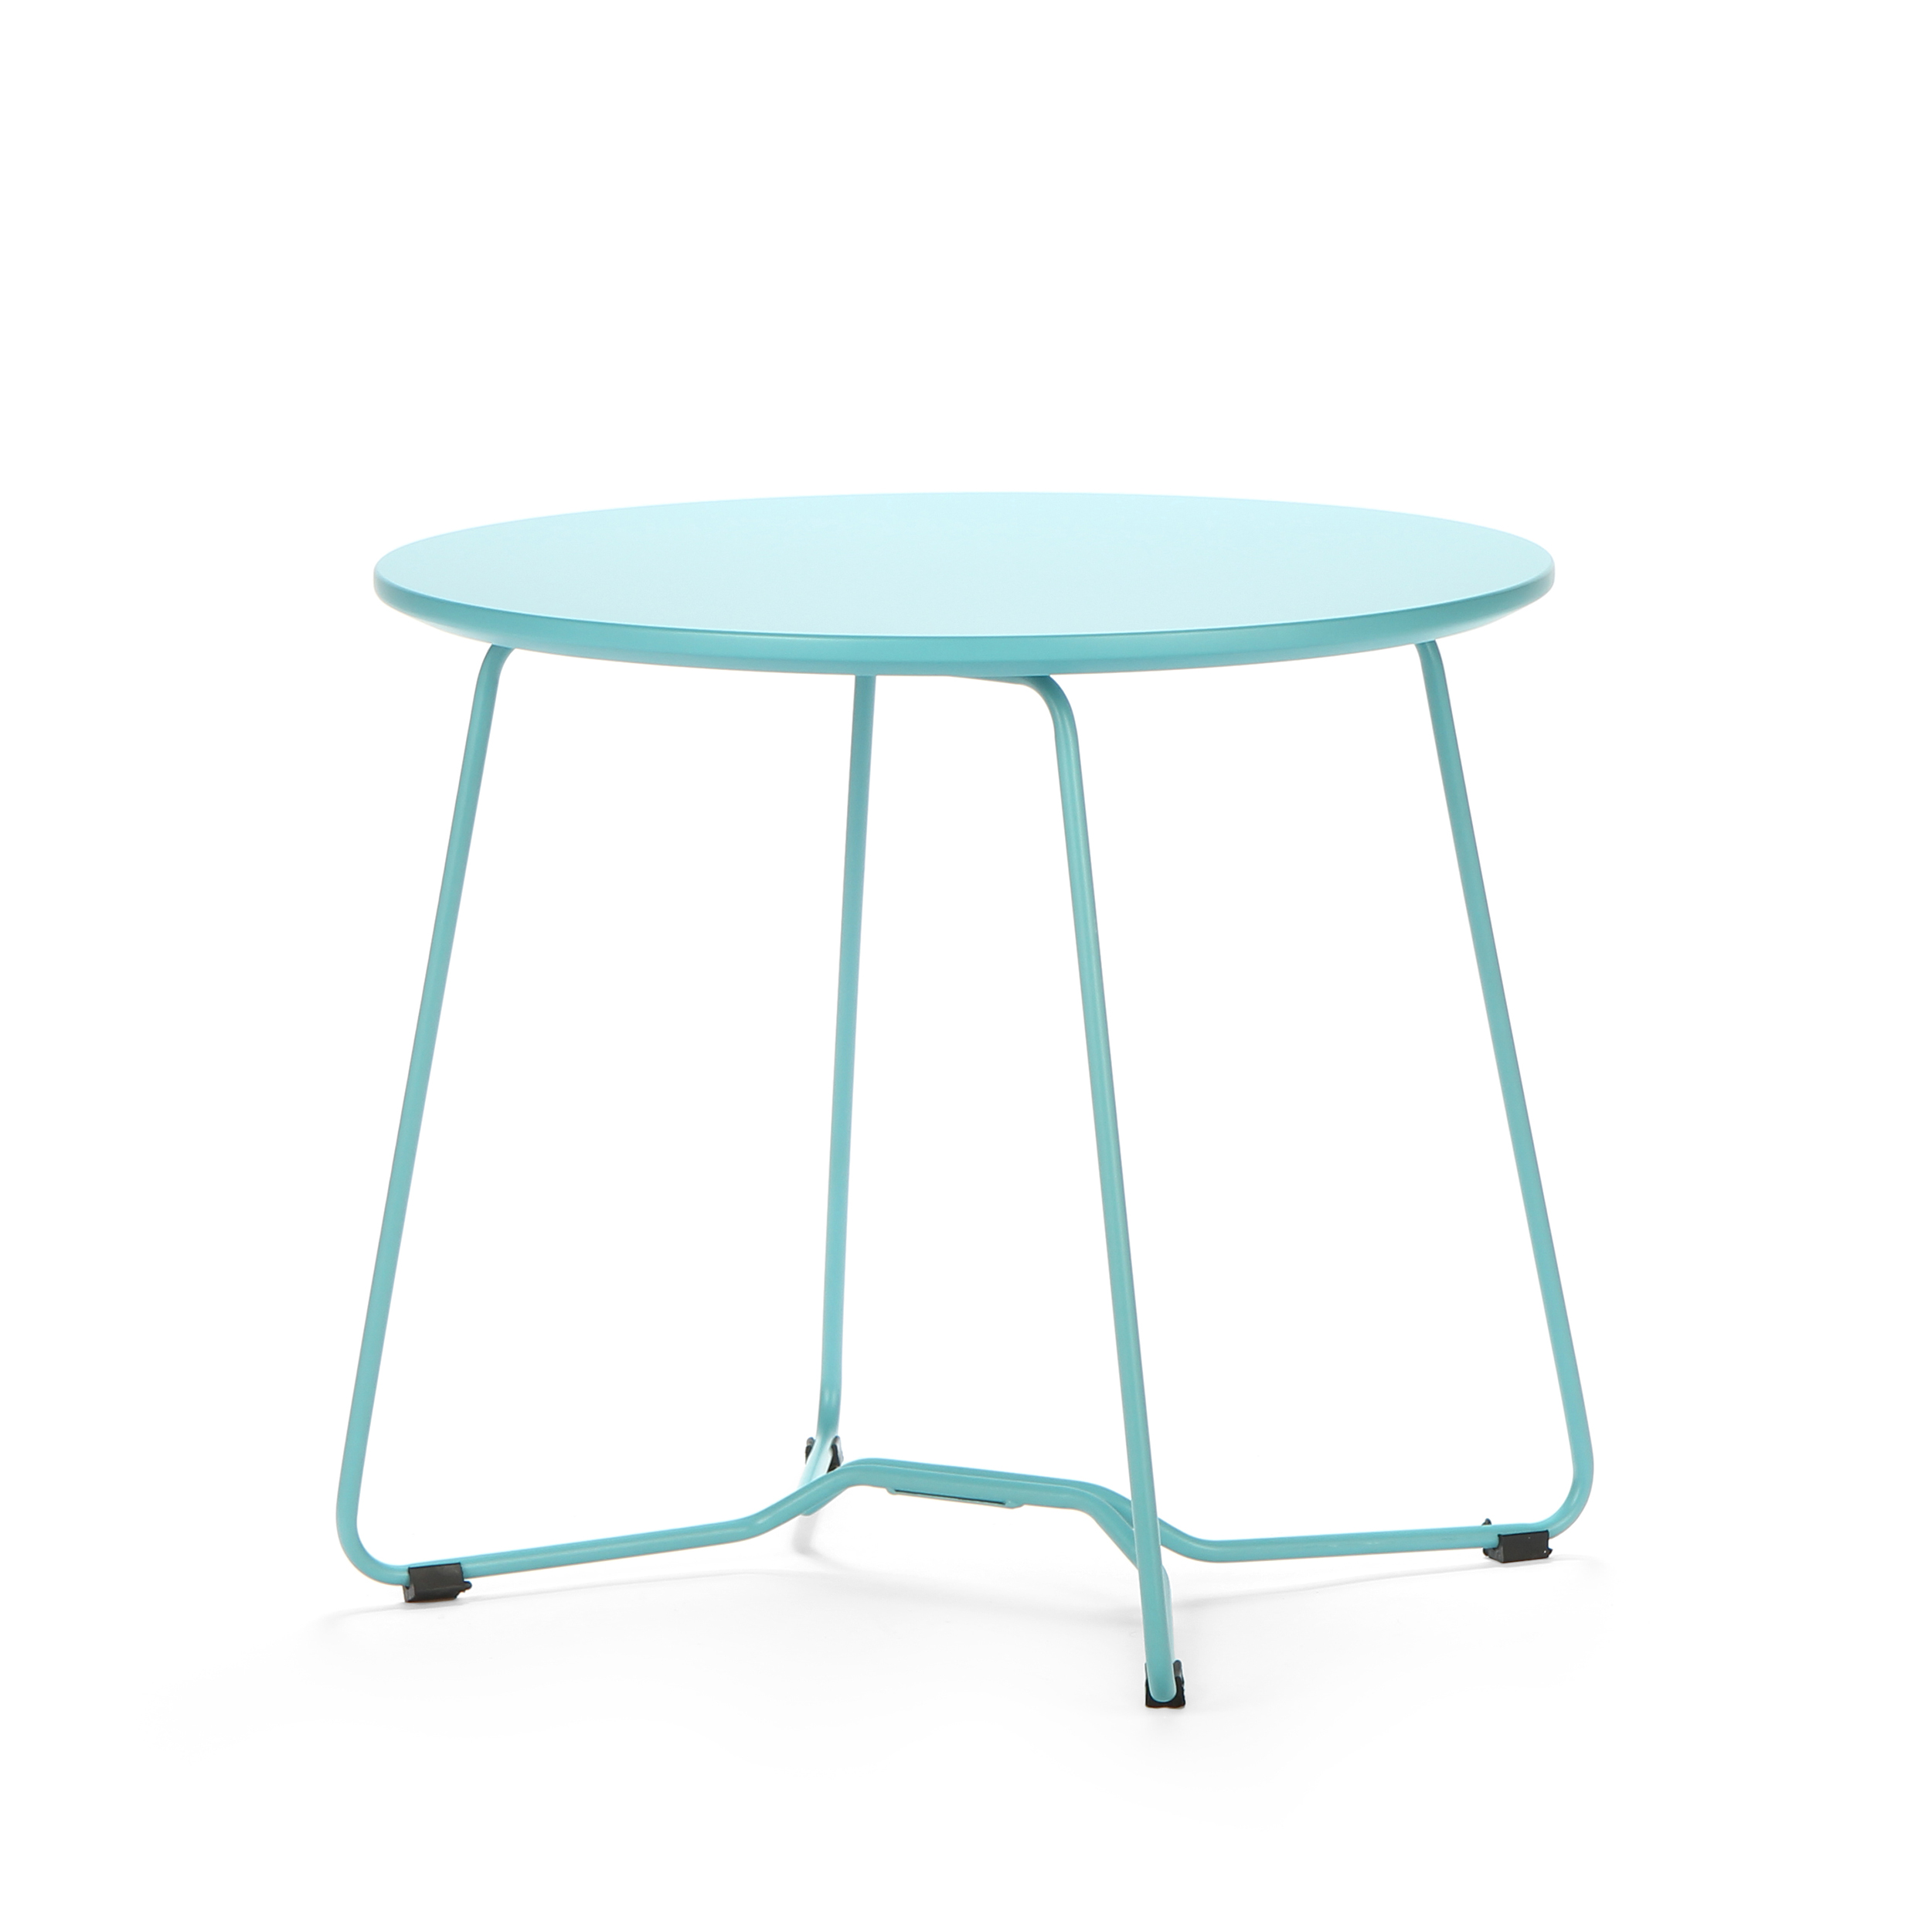 Сервировочный столик Cosmo 15575101 от Cosmorelax